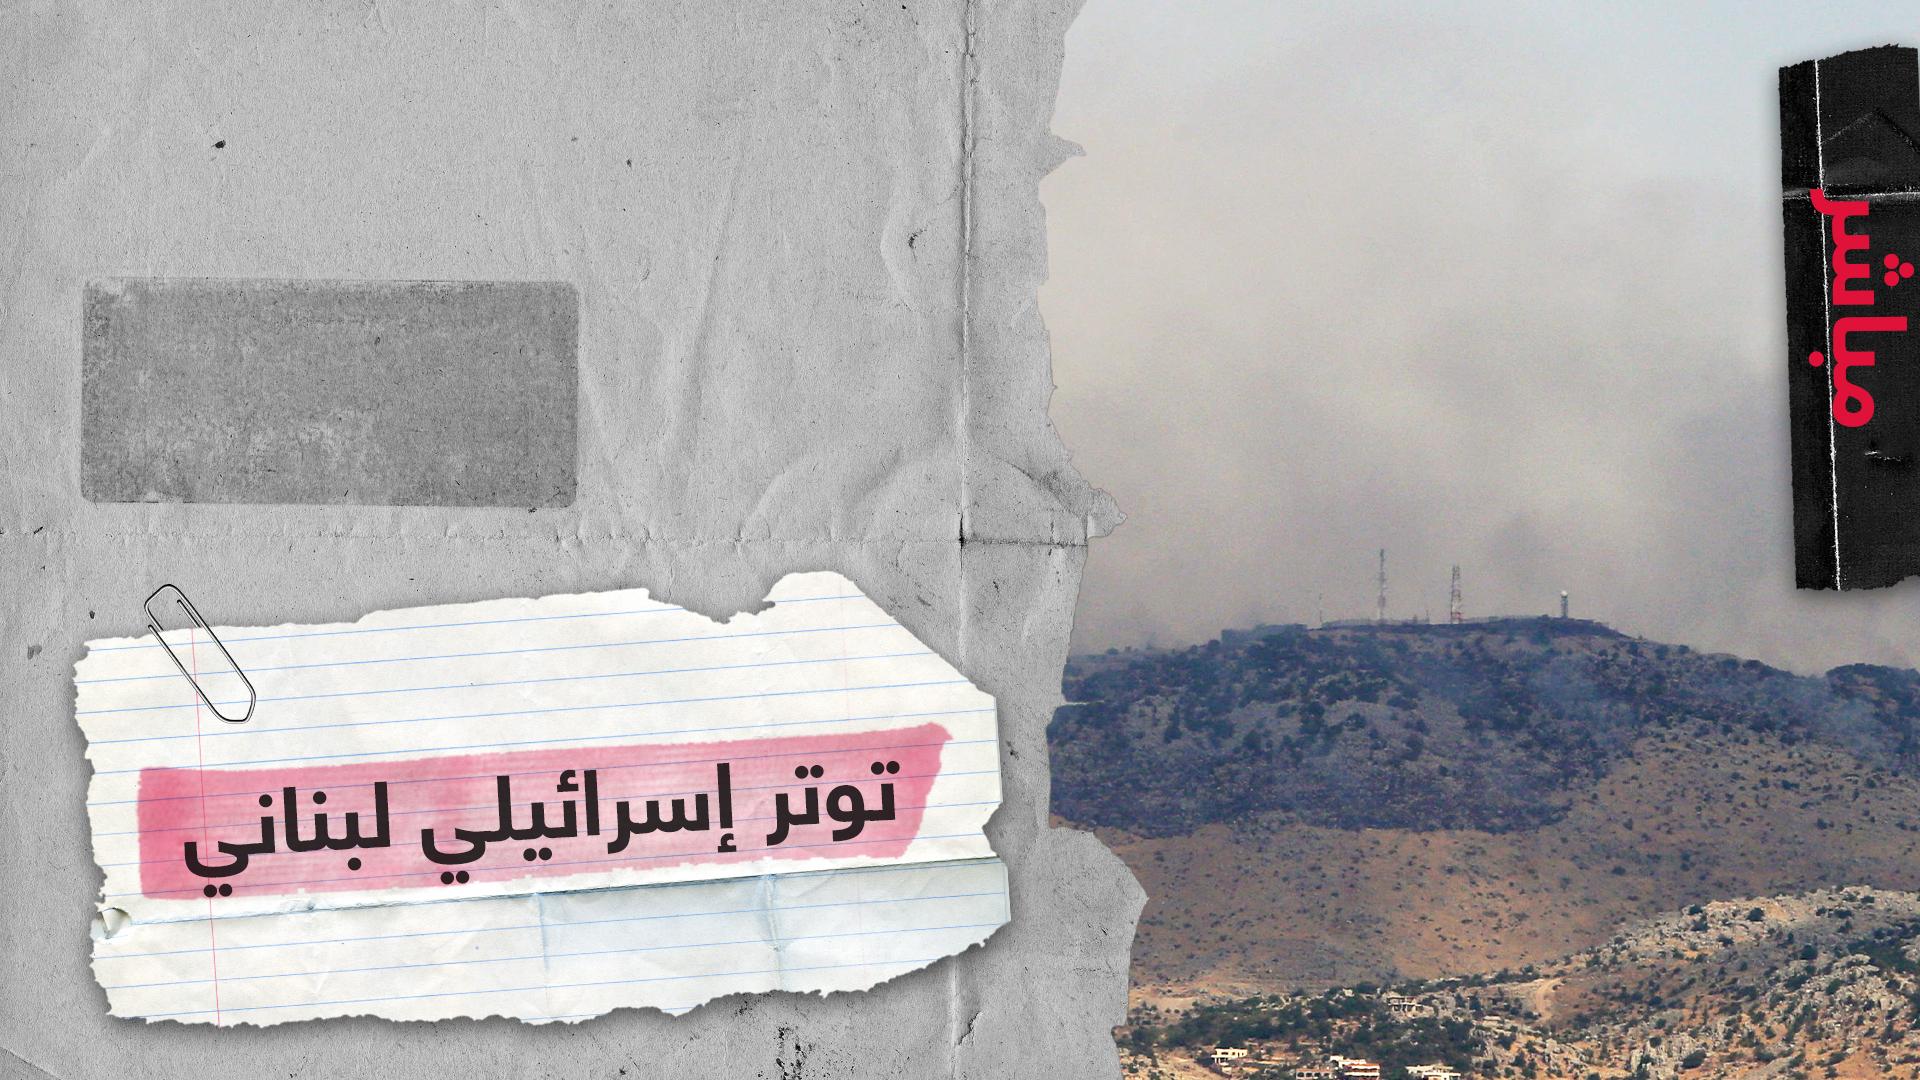 توترات على الحدود اللبنانية الإسرائيلية وحزب الله ينفي روايات تل أبيب ويتوعد